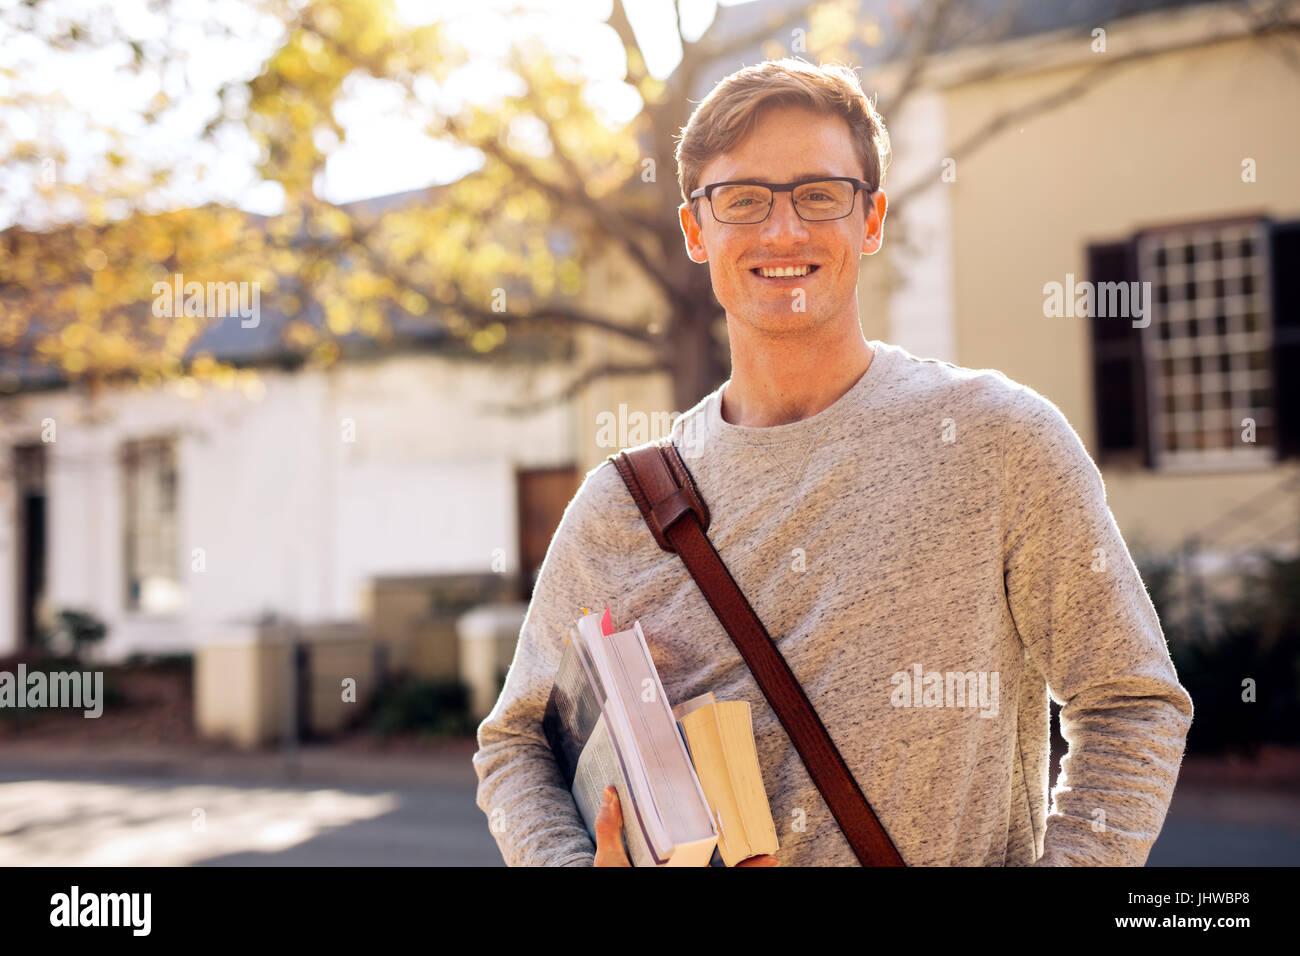 Feliz estudiante universitario masculino al aire libre con libros. Joven estudiante universitario con libros en Imagen De Stock